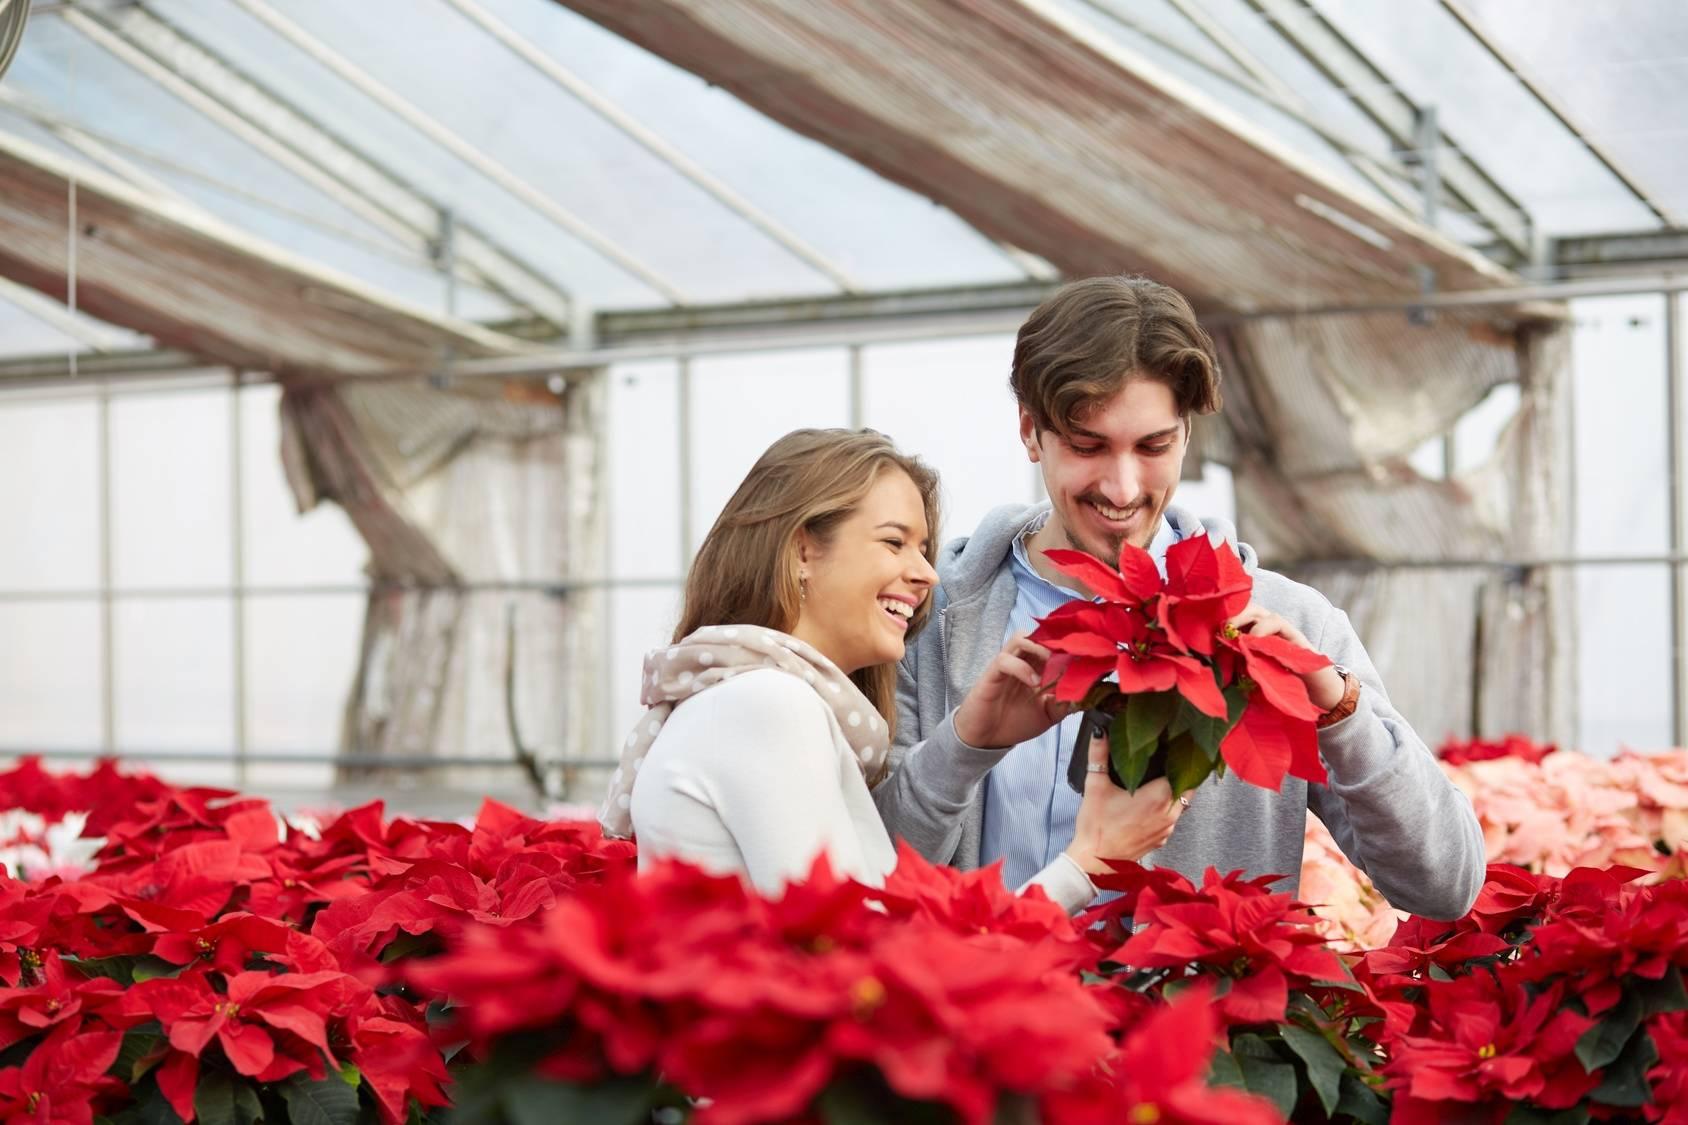 Gwiazda betlejemska - trująca roślina doniczkowa. Szczęśliwa para wybiera w kwiaciarni gwiazdę betlejemską.